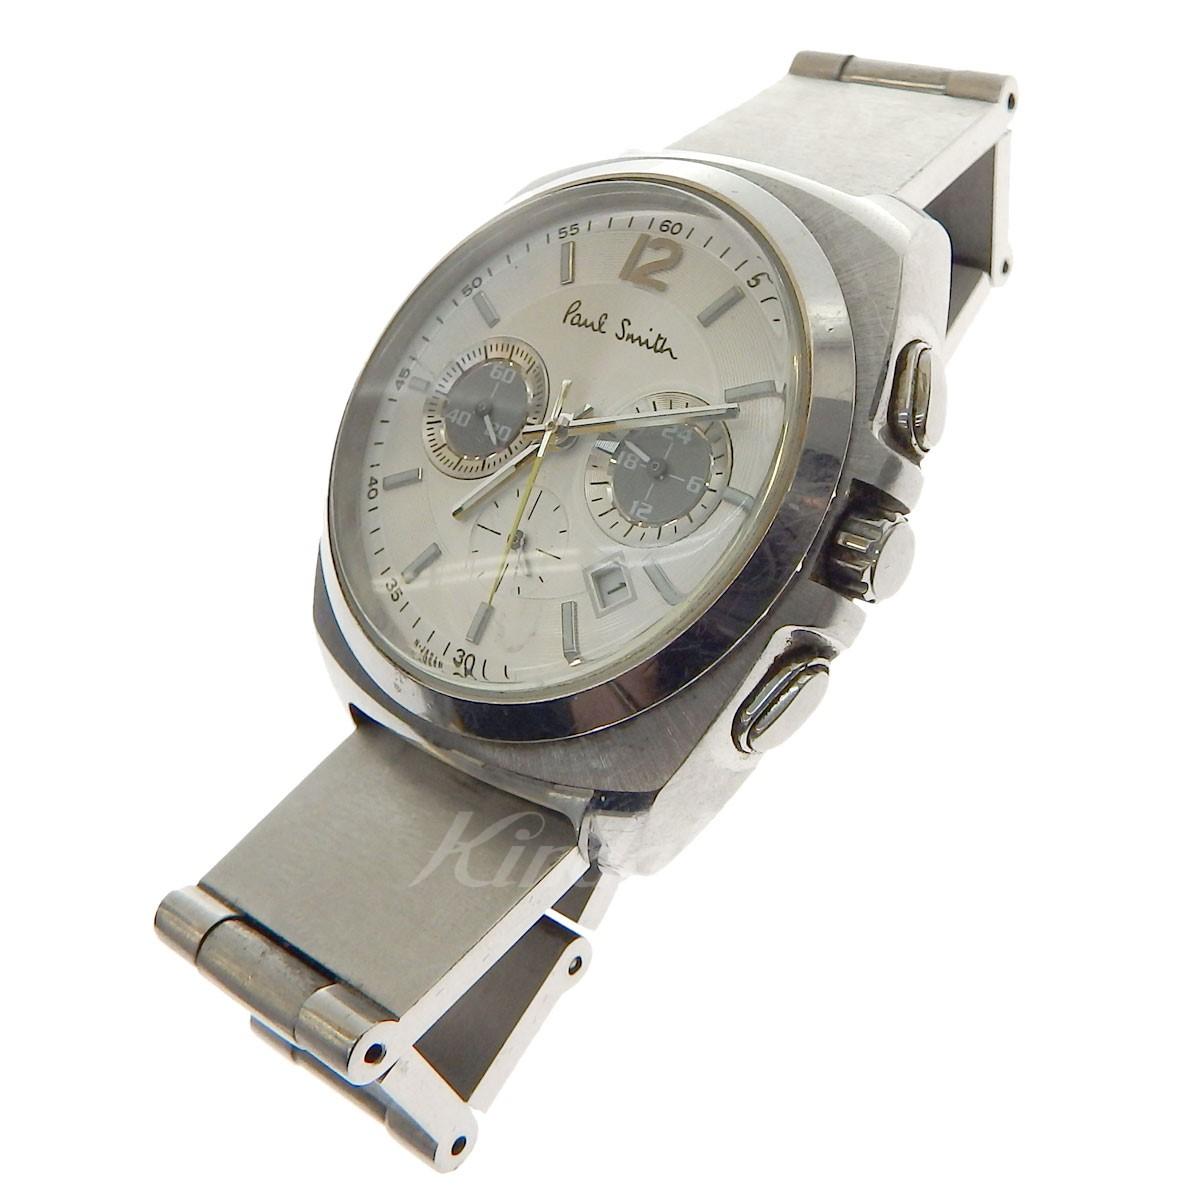 【中古】Paul Smith クロノグラフ クオーツ 腕時計 シルバー 【送料無料】 【180618】(ポールスミス)